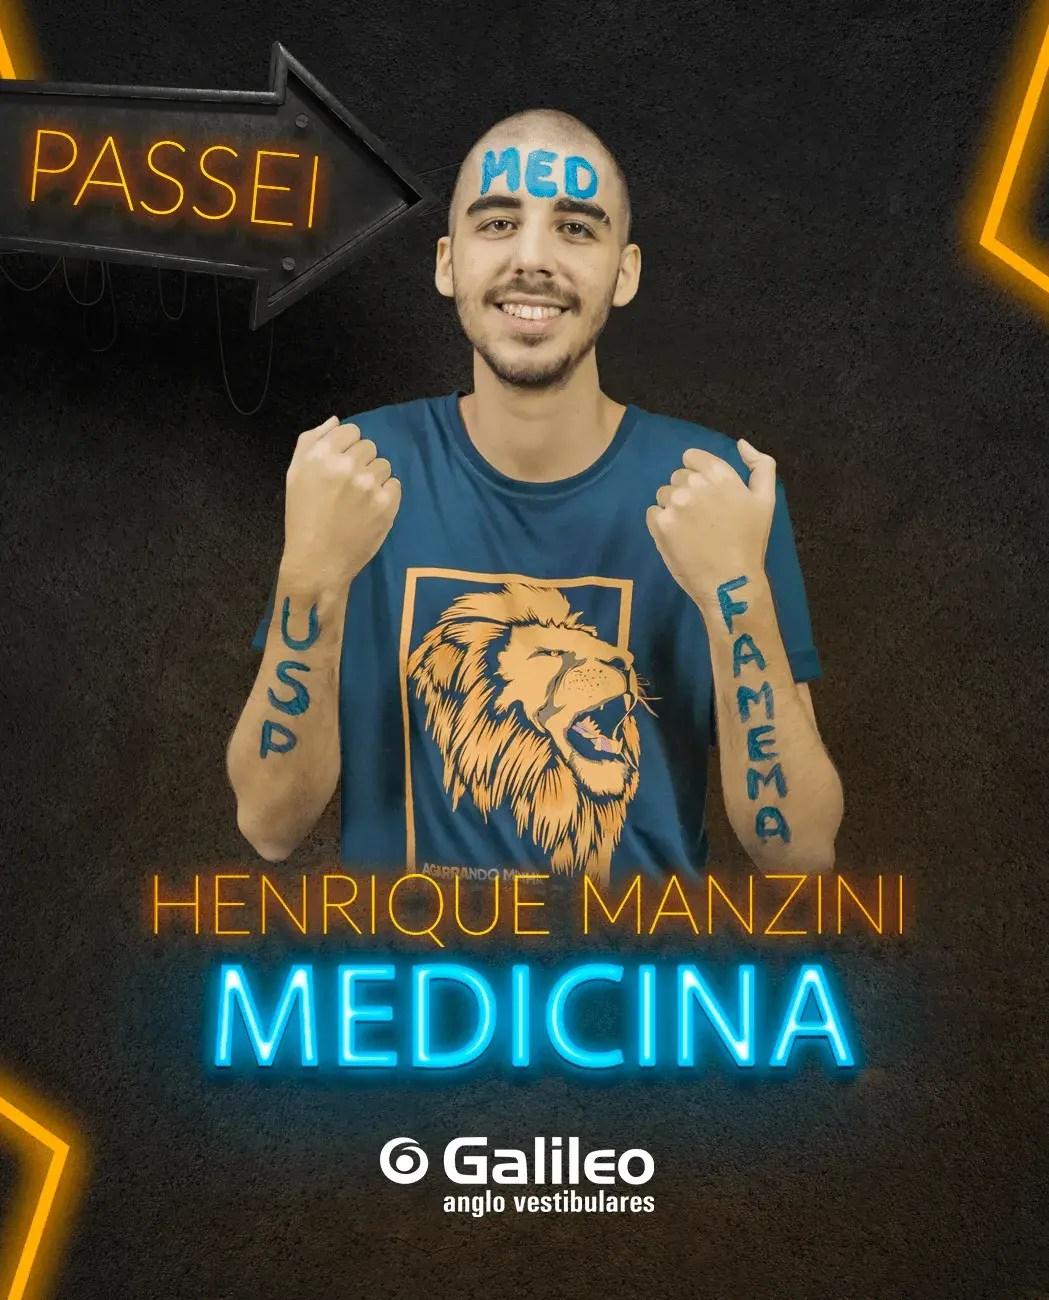 01 - Henrique Manzini - Medicina-min